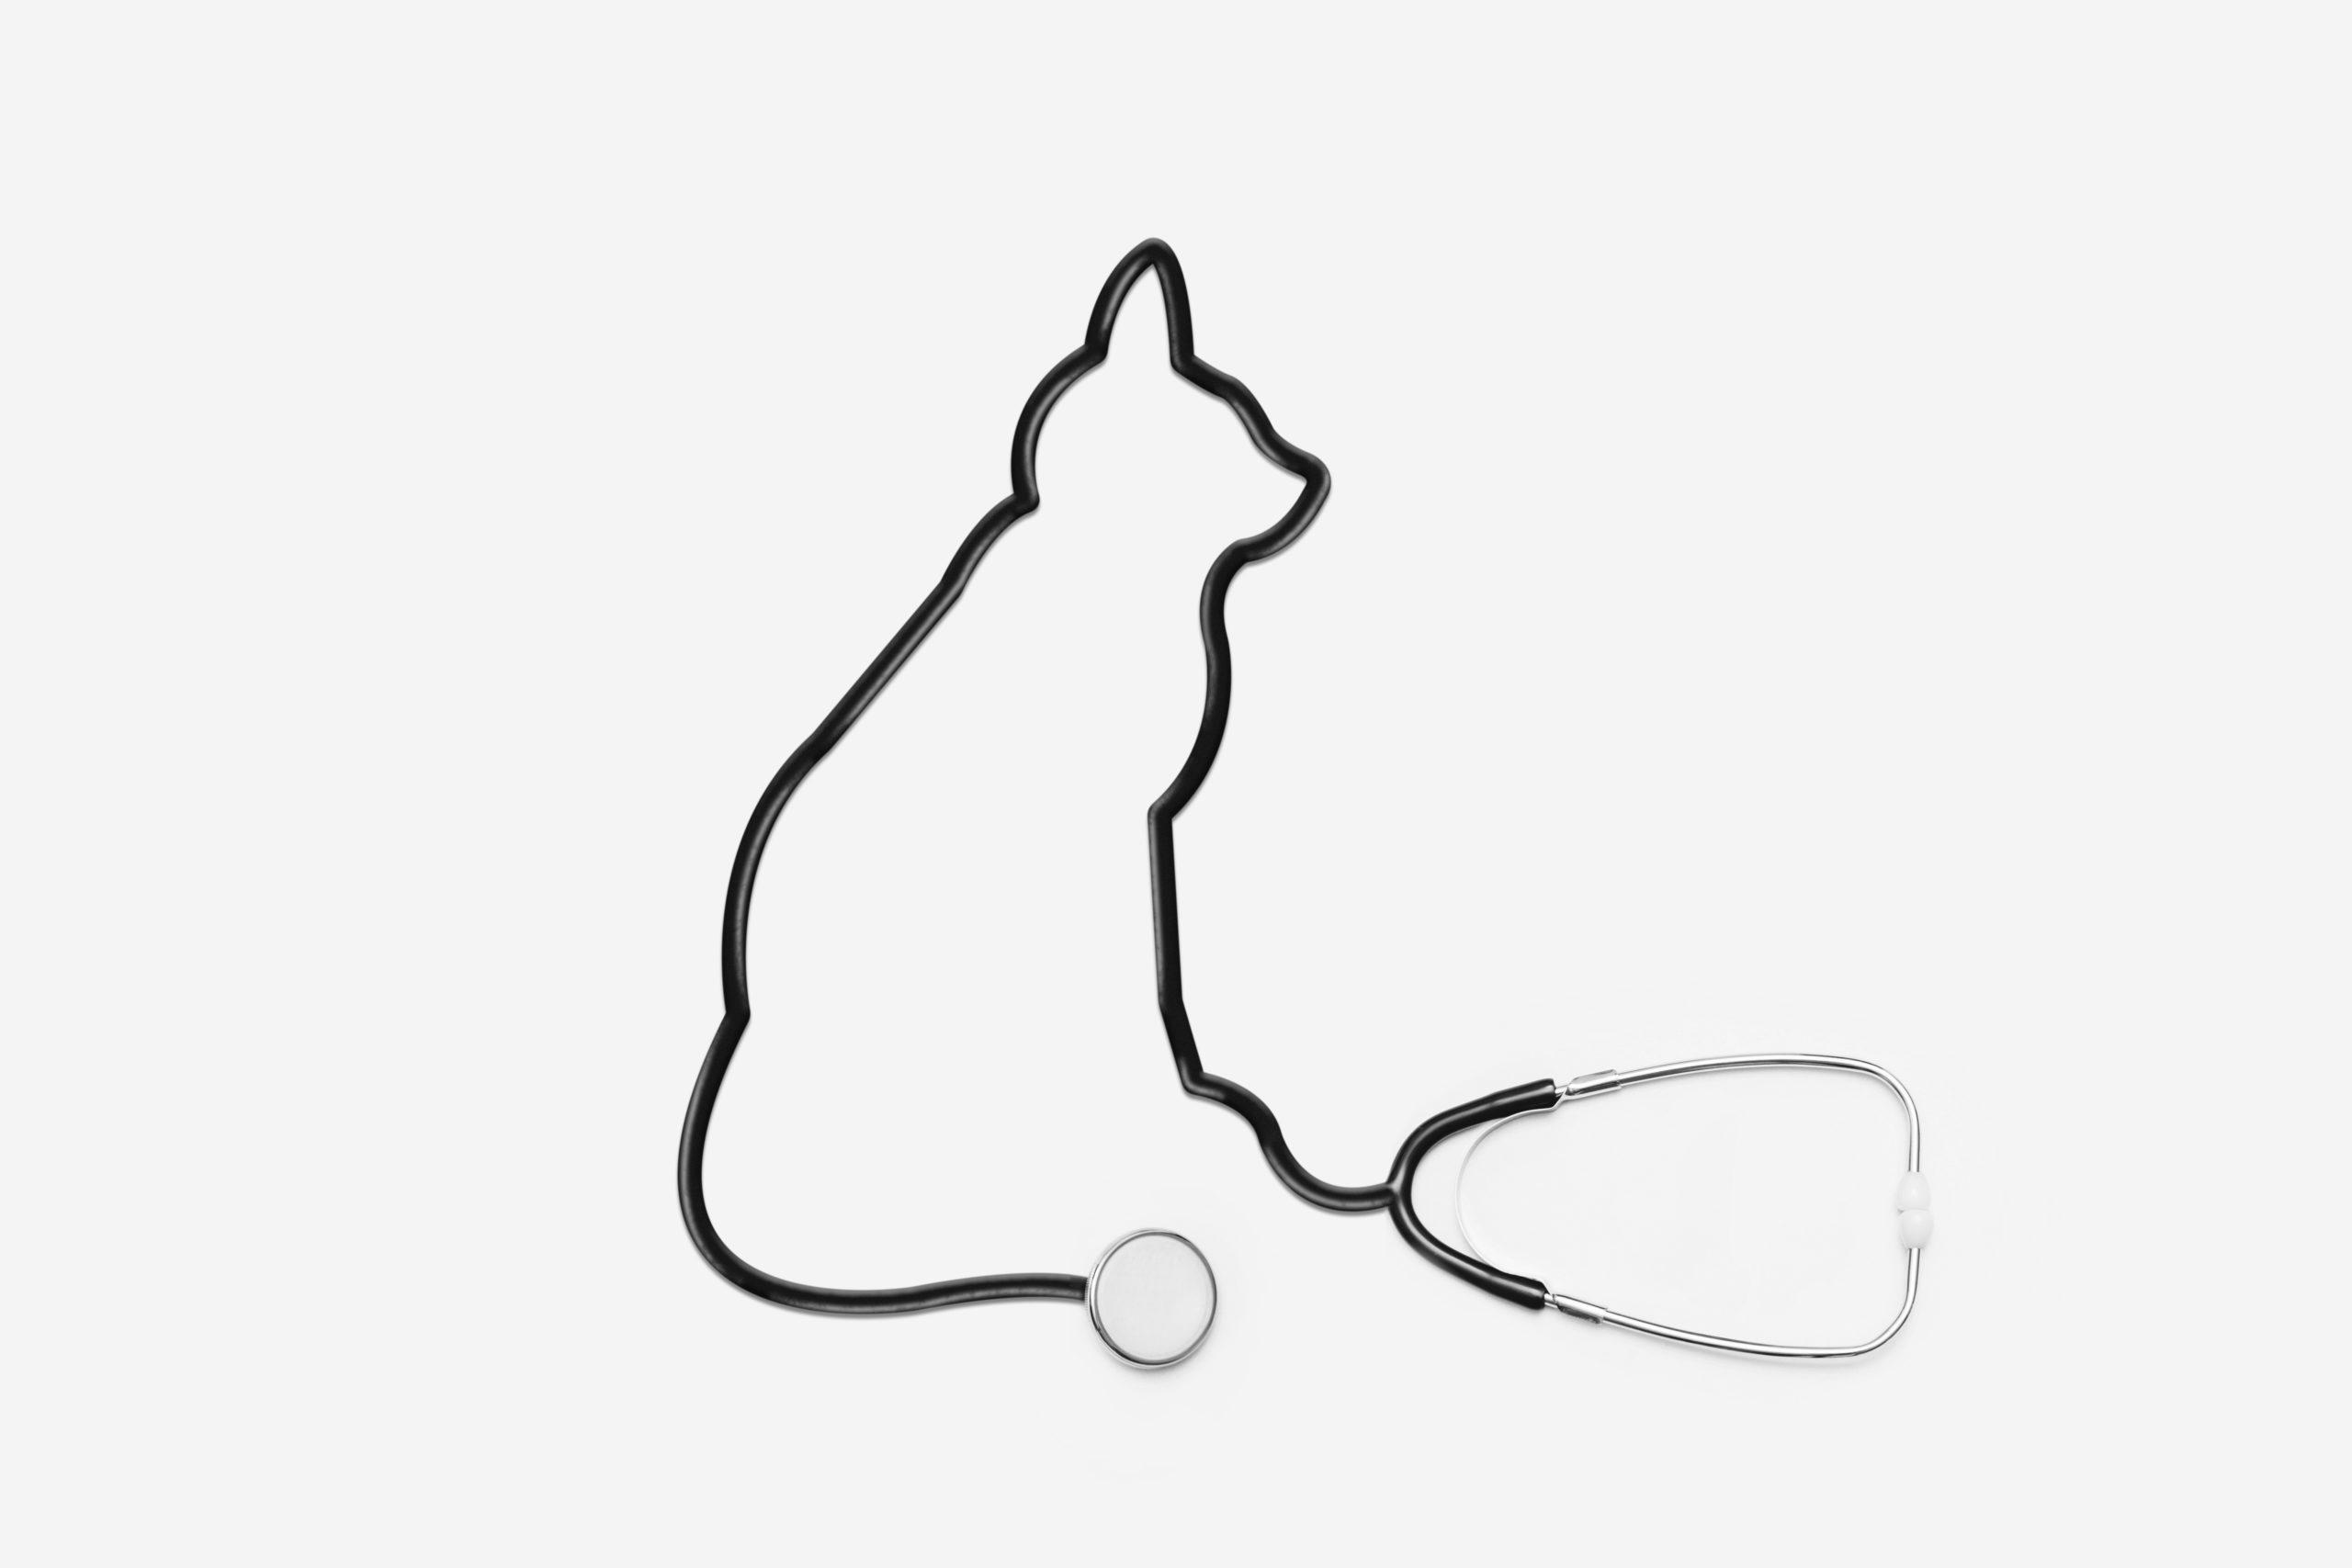 le chat Pacha, mascotte de l'unité de soins palliatifs La Mirandière